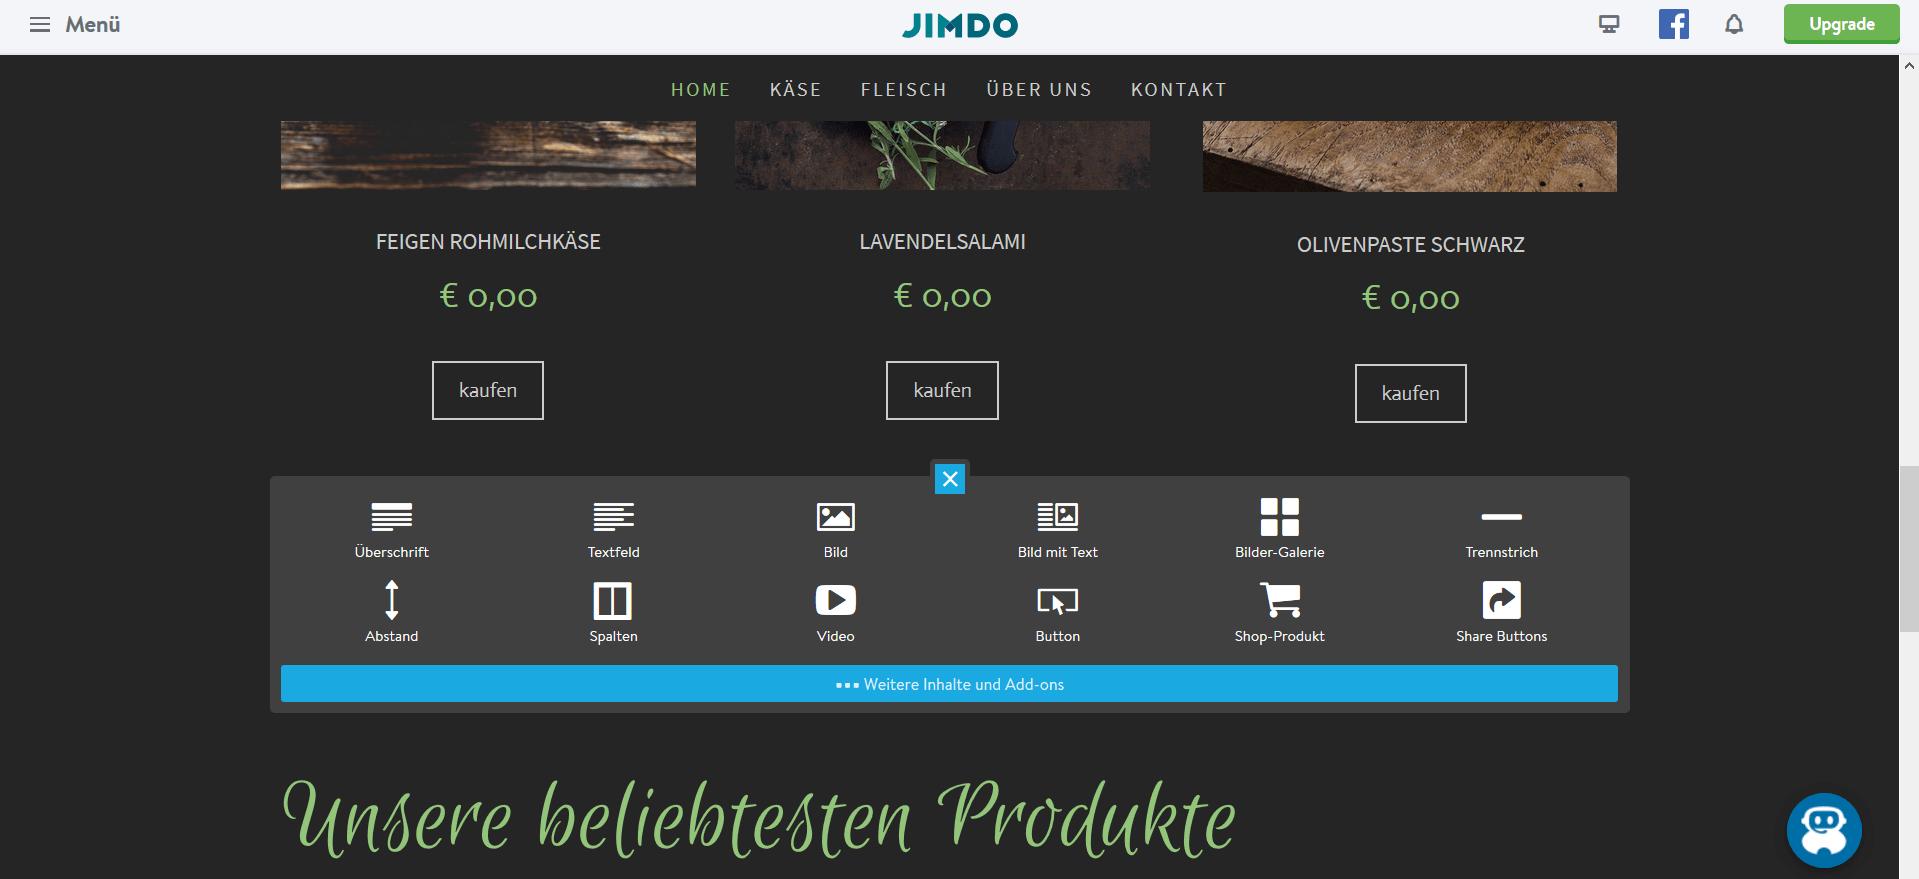 Jimdo Website Baukasten Test: Schritt 5.3